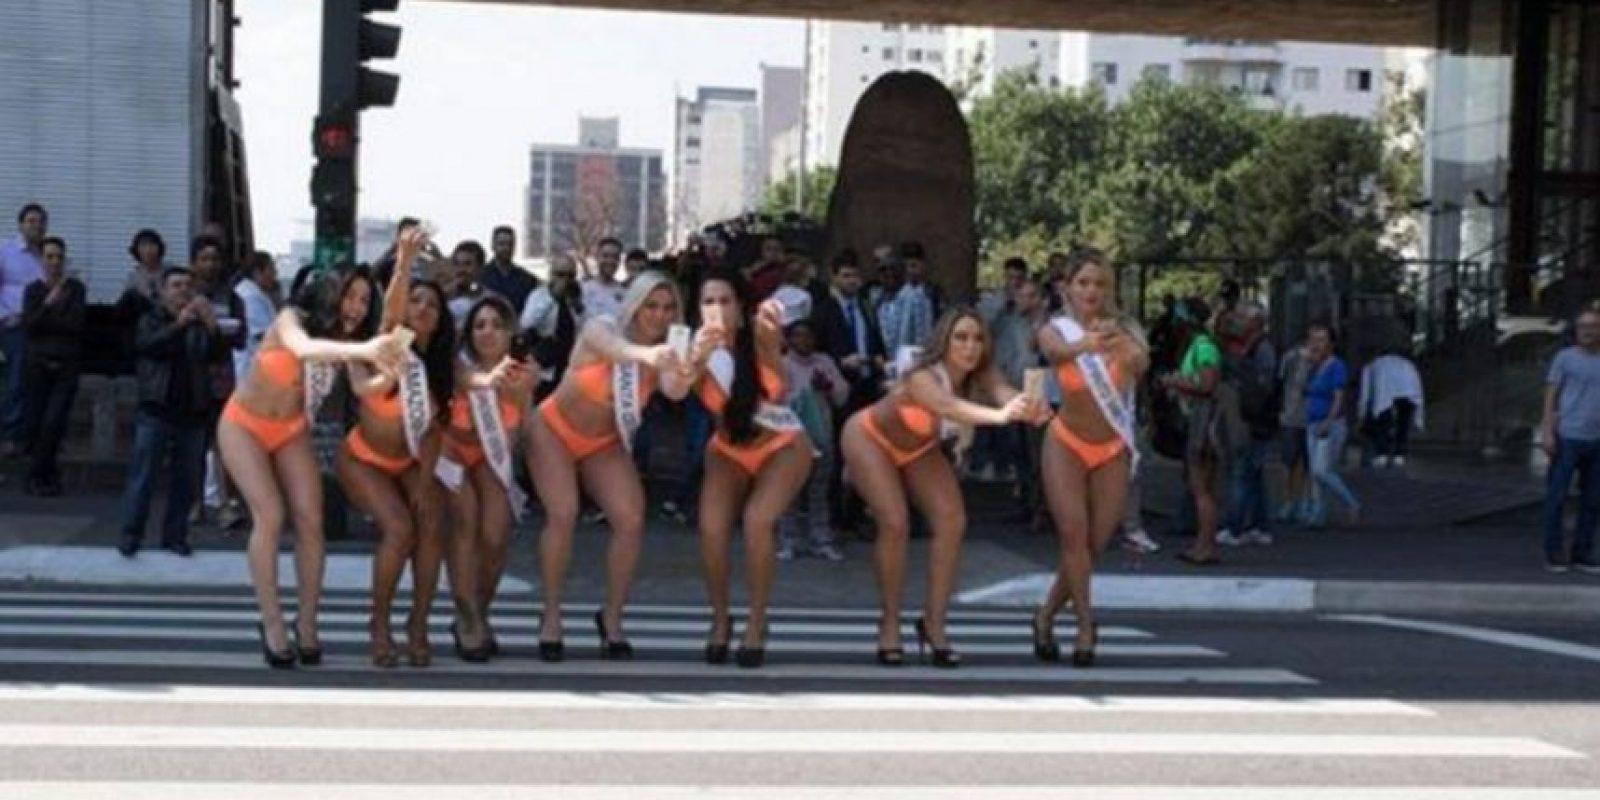 Las mujeres más exuberantes de Brasil salieron a cazar pokémon Foto:Globo.com